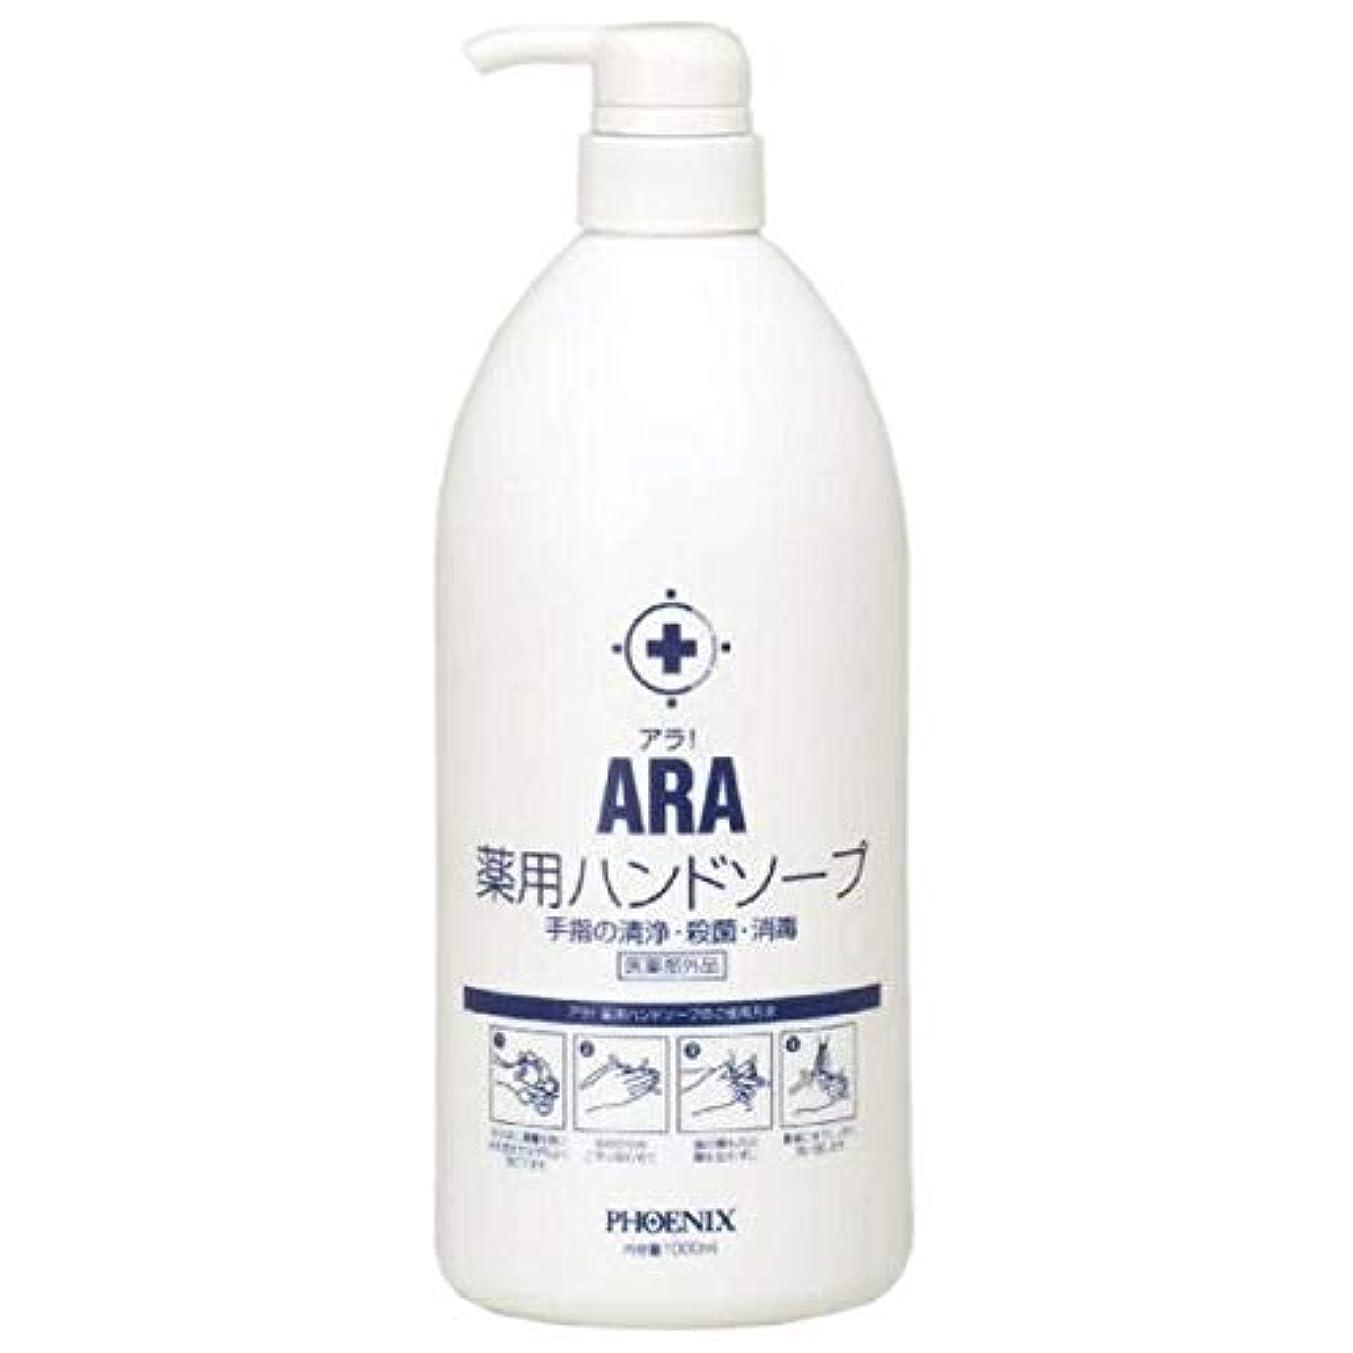 数字標準担当者ARA 薬用ハンドソープ(ボトルタイプ) 1000ml×10本入